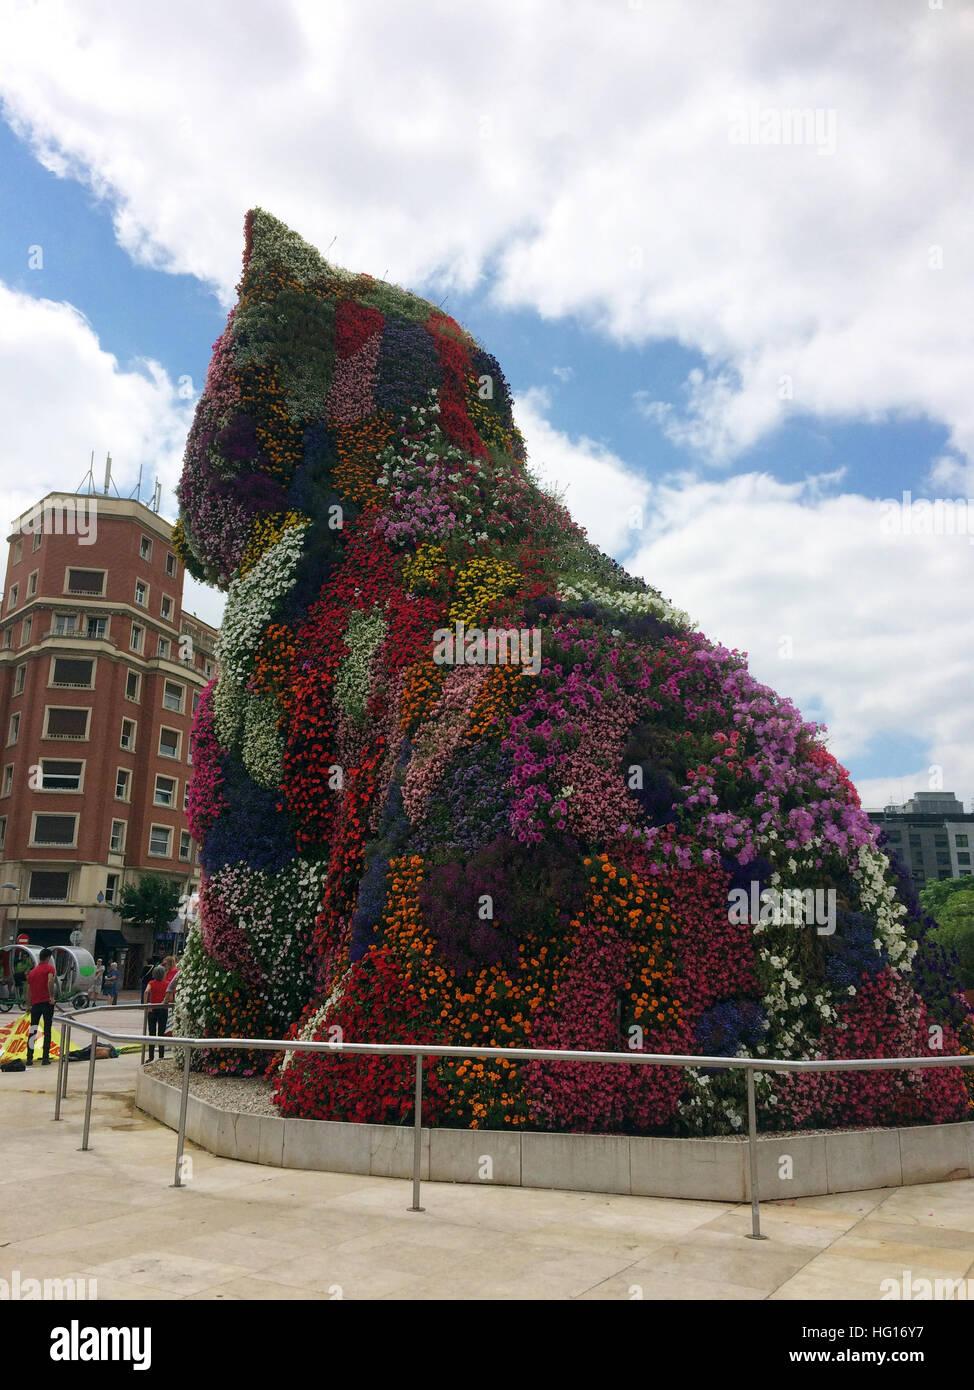 Bilbao, Spanien. 28th July, 2016. Eine Blumenskulptur steht am Eingang zum Guggenheim Museum in Bilbao (Spanien), Stock Photo